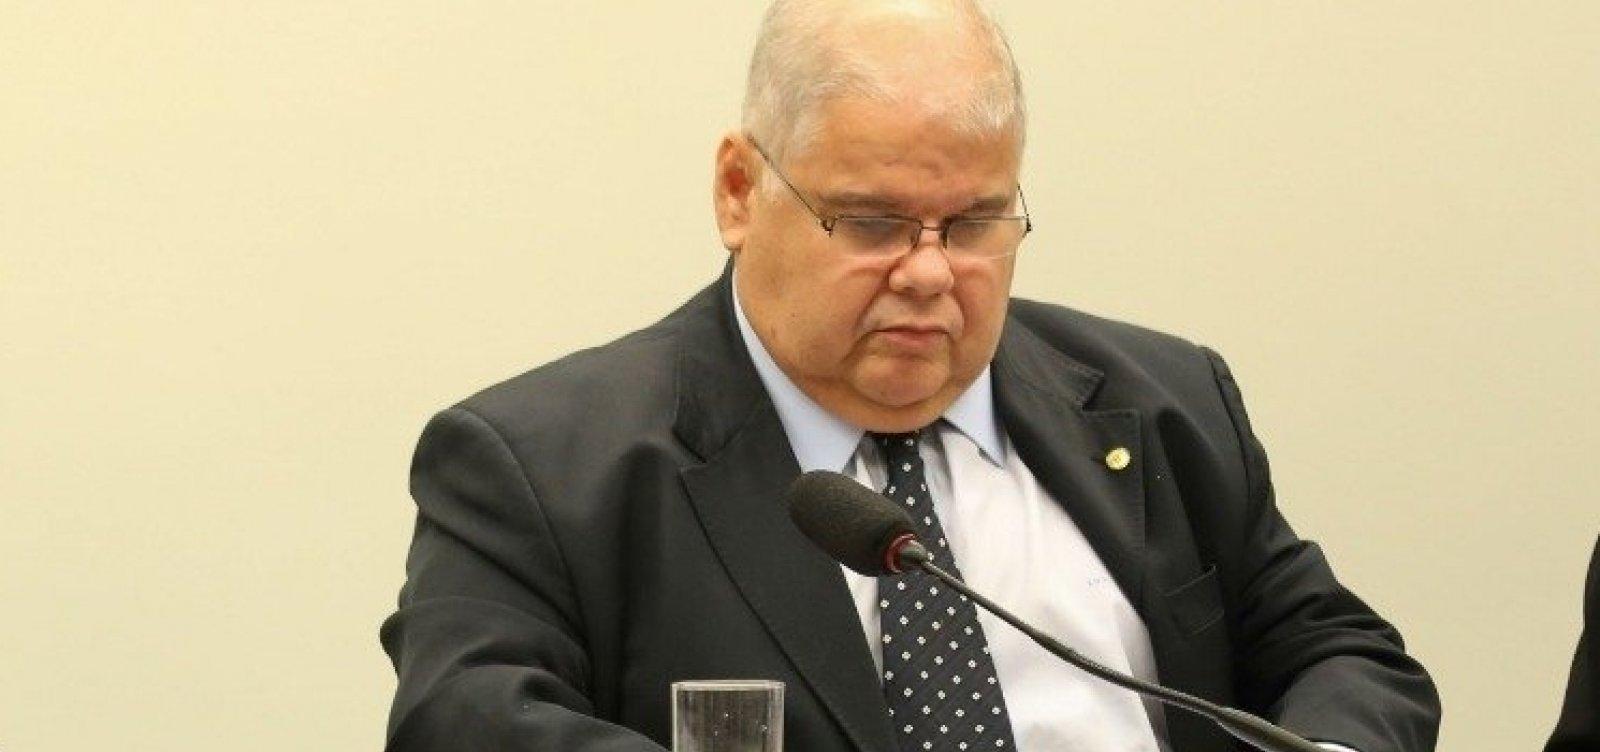 [Processo contra Lúcio Vieira Lima no Conselho de Ética pode ser arquivado]